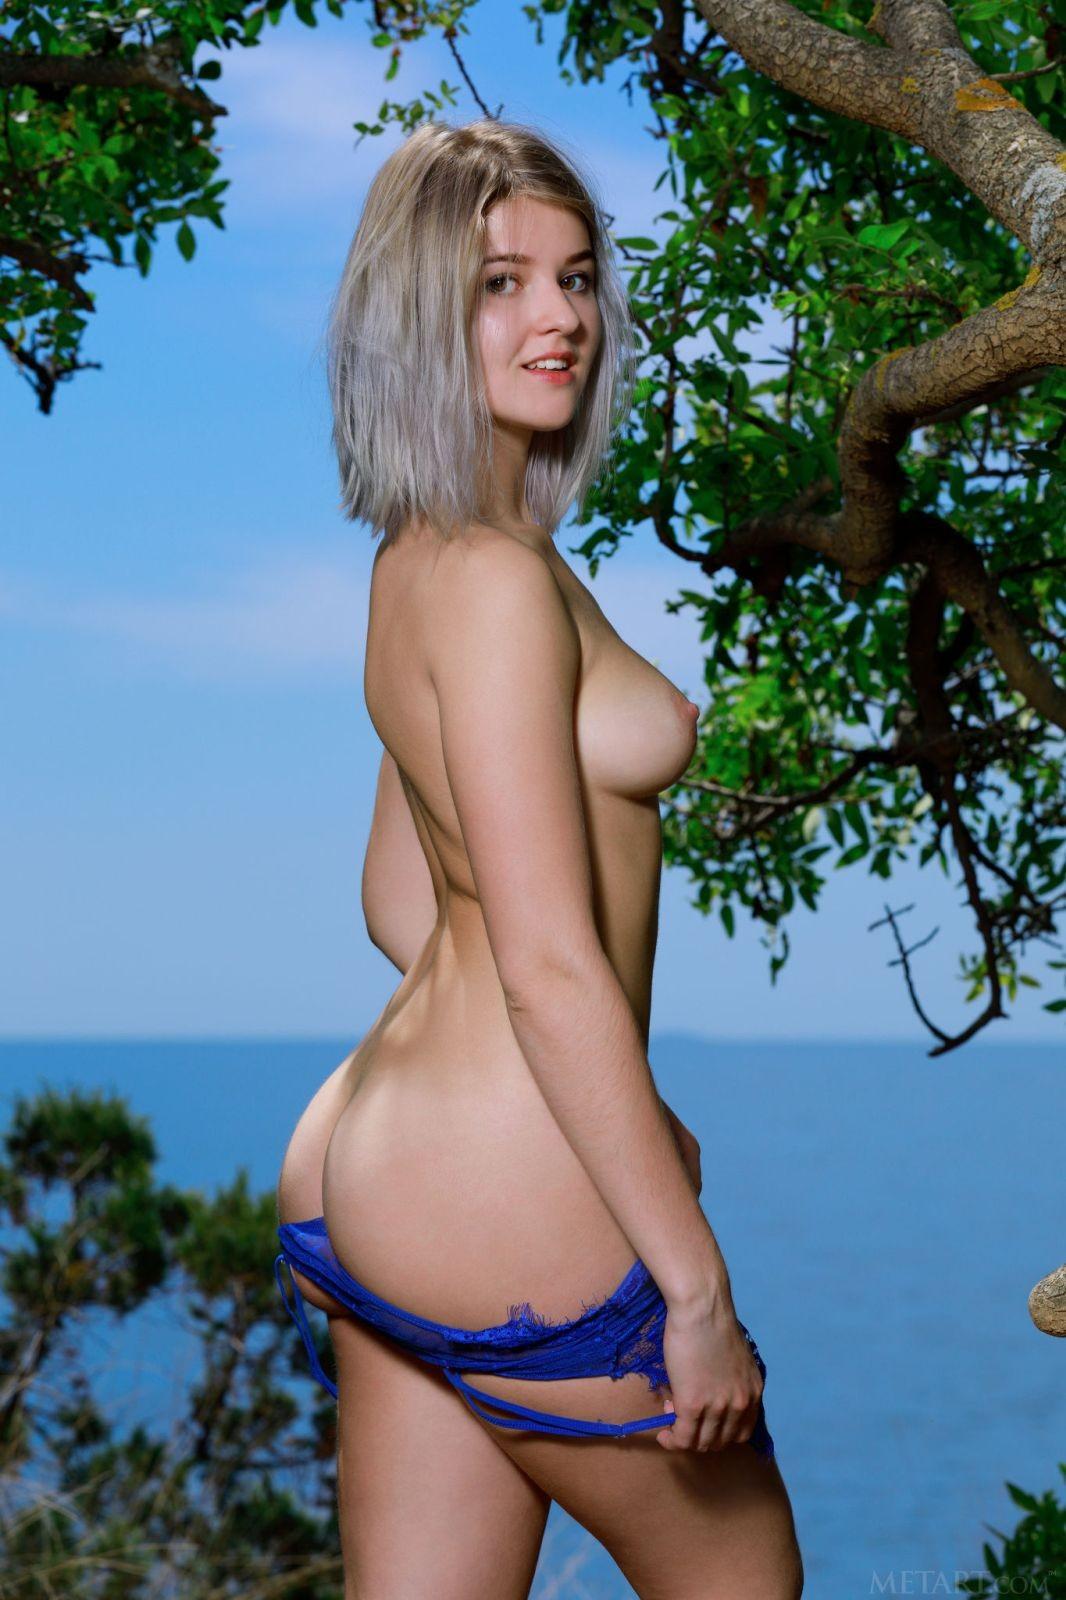 Девушка в боди позирует на природе - фото